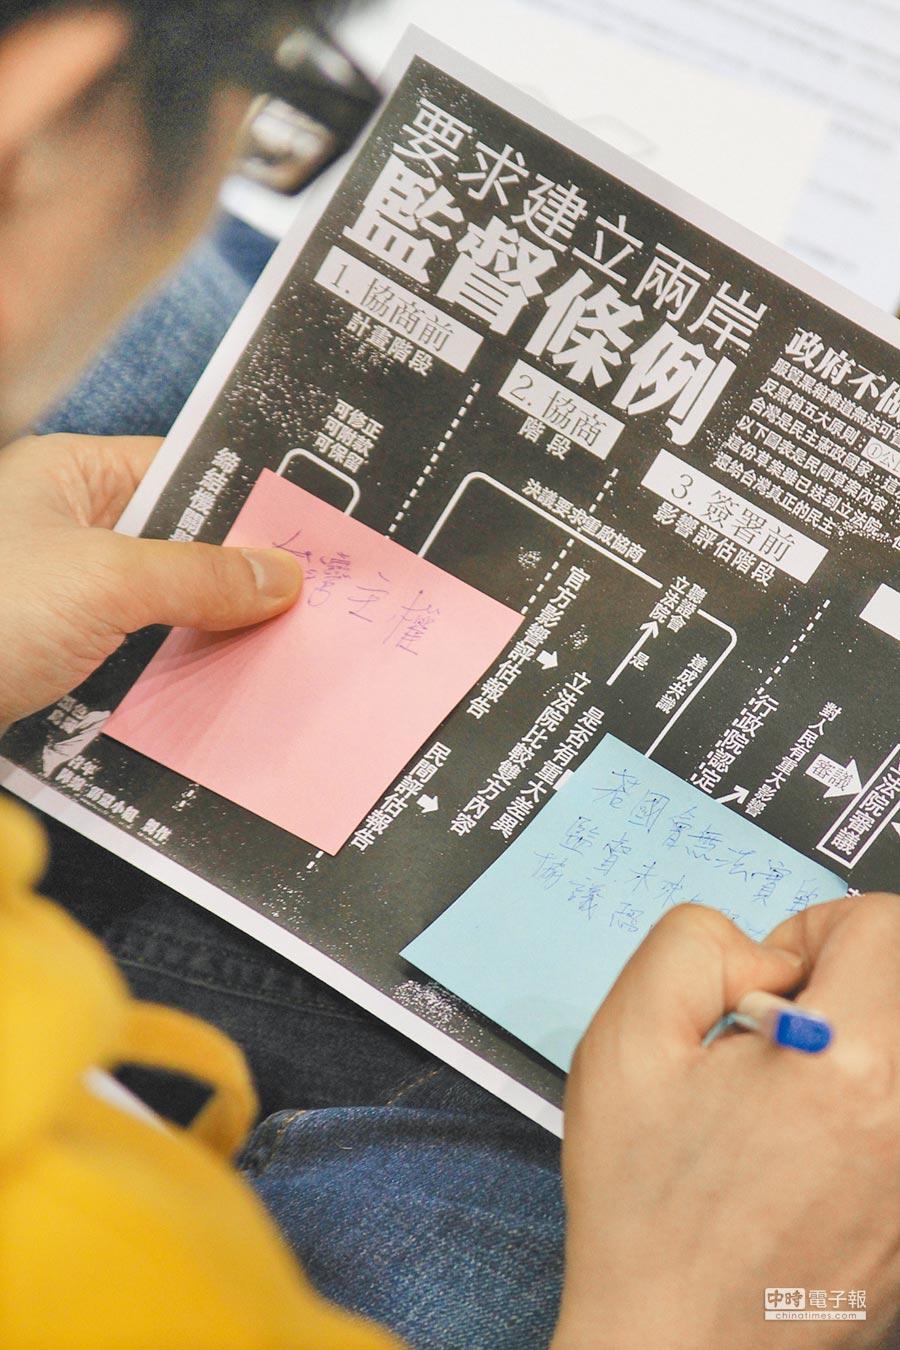 2014年4月5日,太陽花學運學生觀看《兩岸監督條例》文宣。(本報系資料照片)